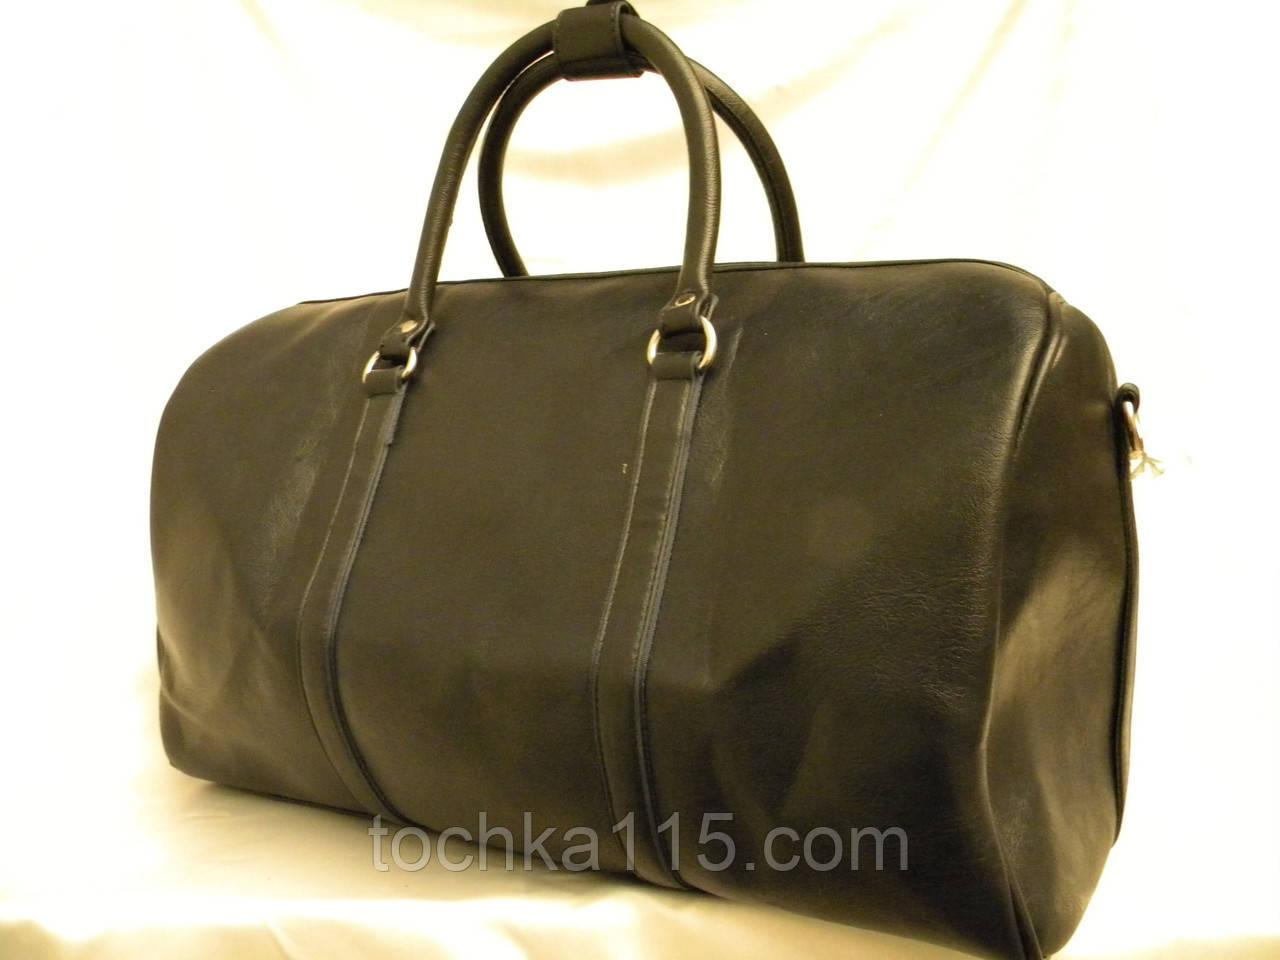 Кожаная мужская сумка, дорожная мужская сумка, городская сумка, саквояж